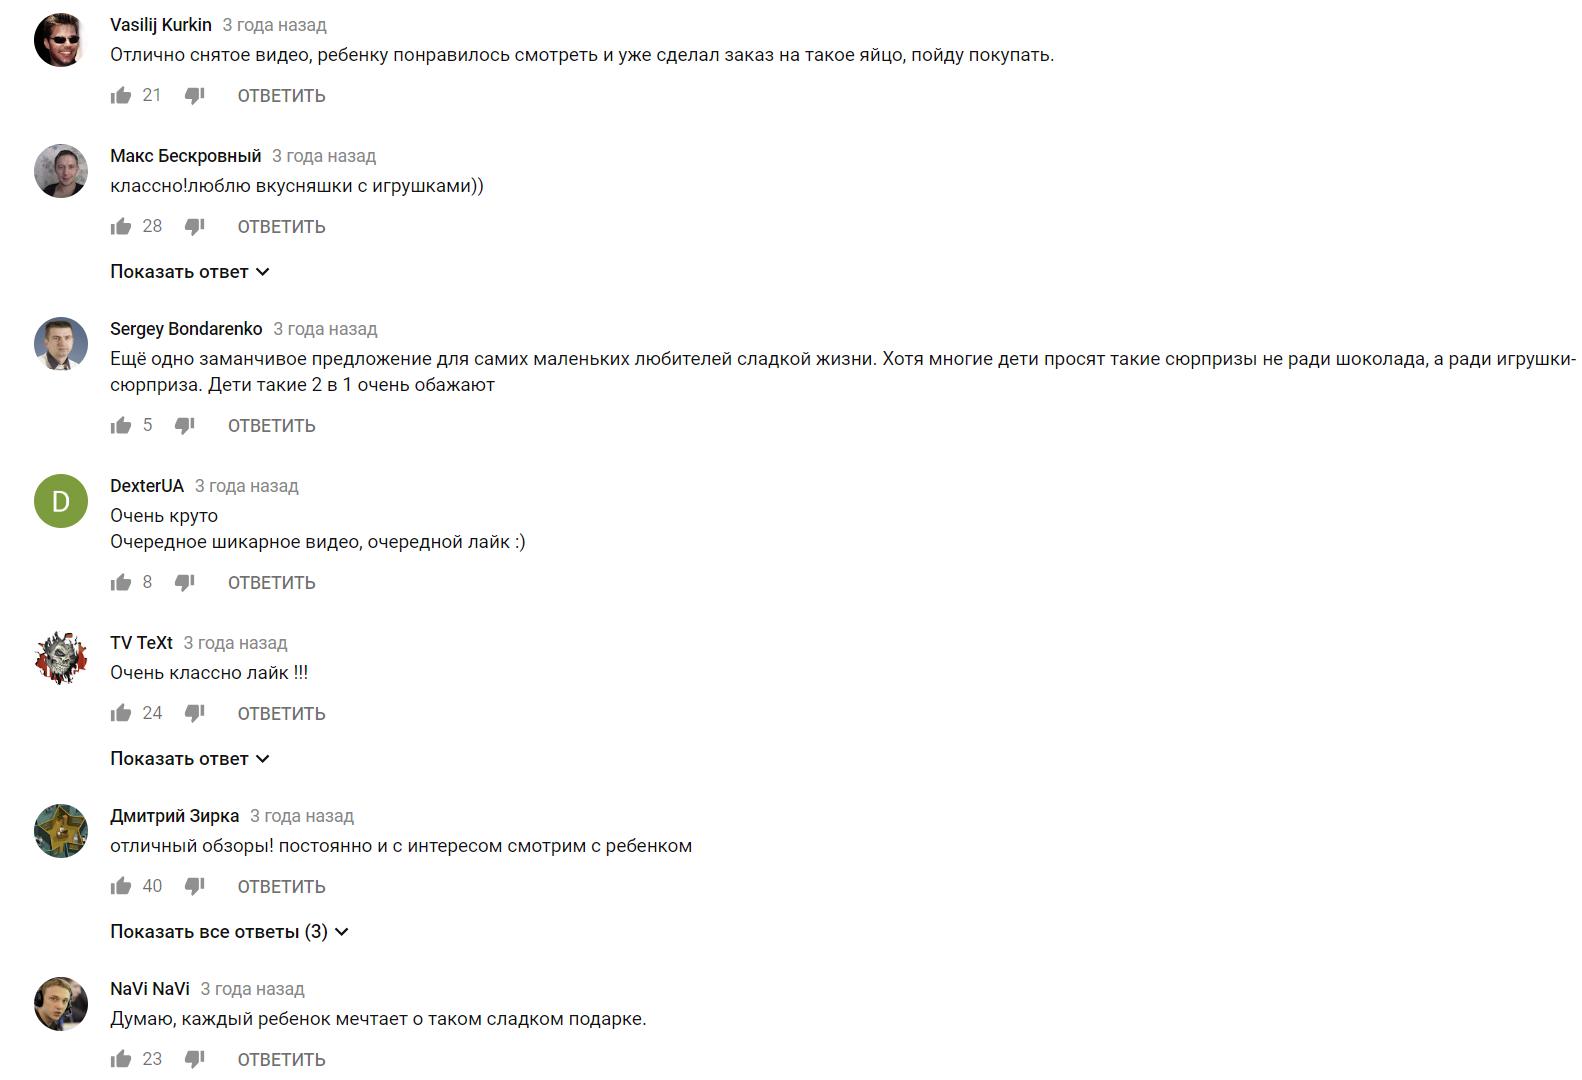 Как находить ботов на ютубе: внешние паттерны взаимодействия комментаторов - 7